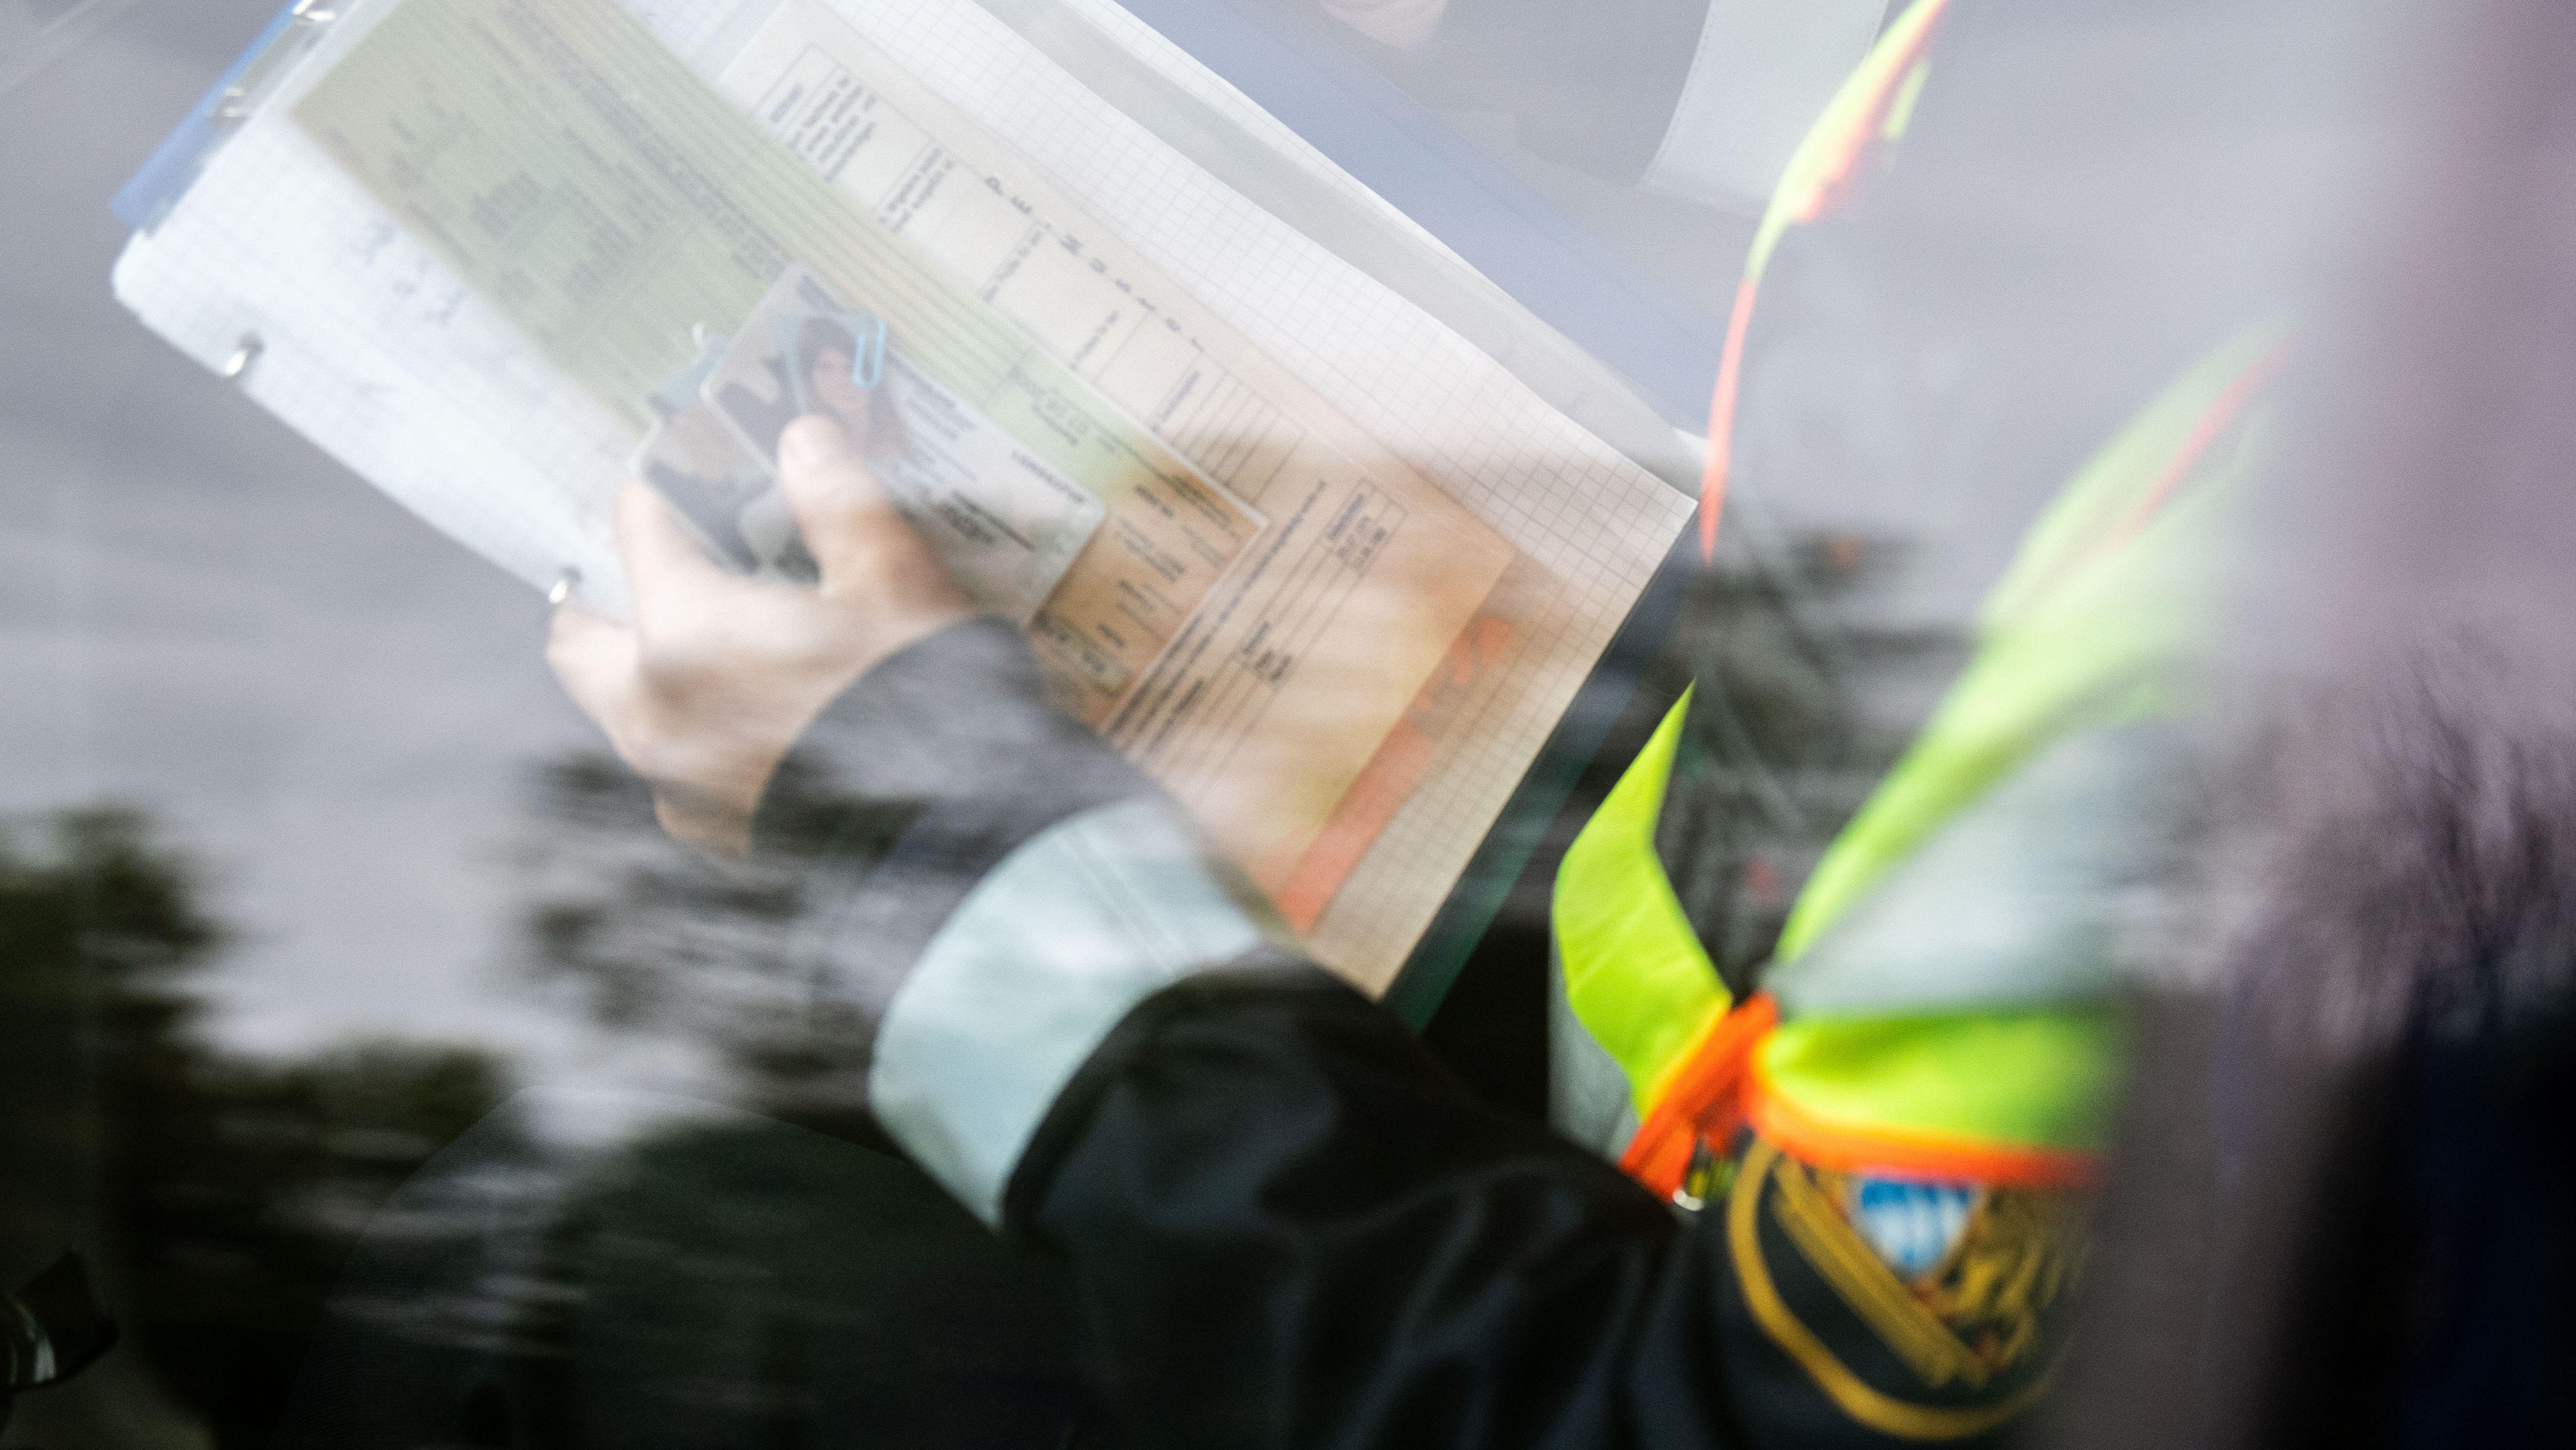 Die Personalien (Szene von einer Polizeischule, Musterpapiere) werden von einer Polizistin in einem Streifenwagen kontrollier